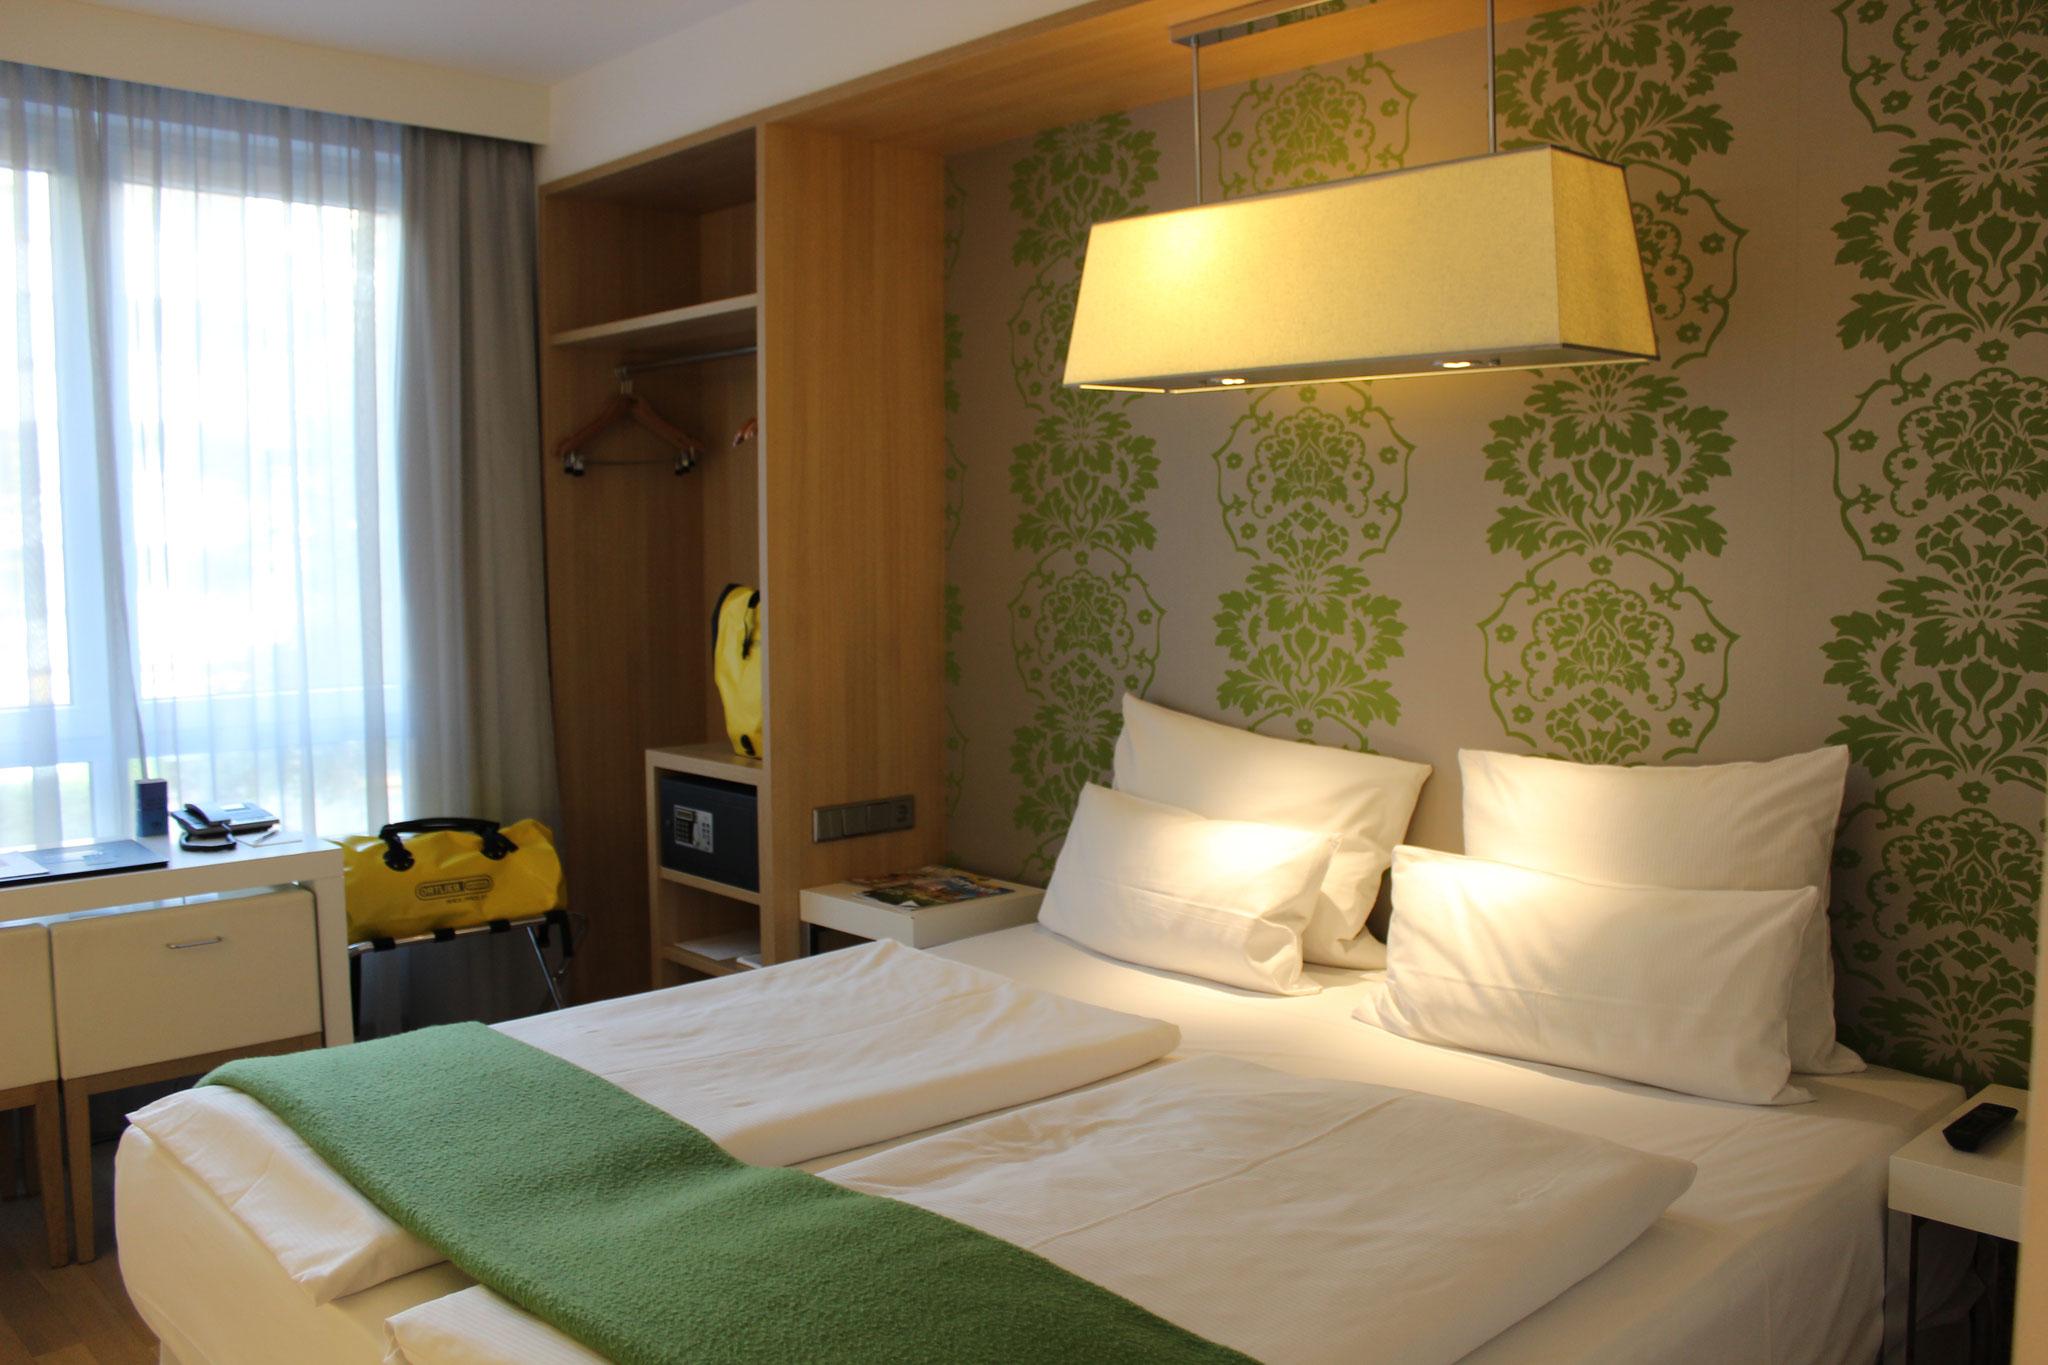 NH Hotel Potsdamer Platz - Berlin